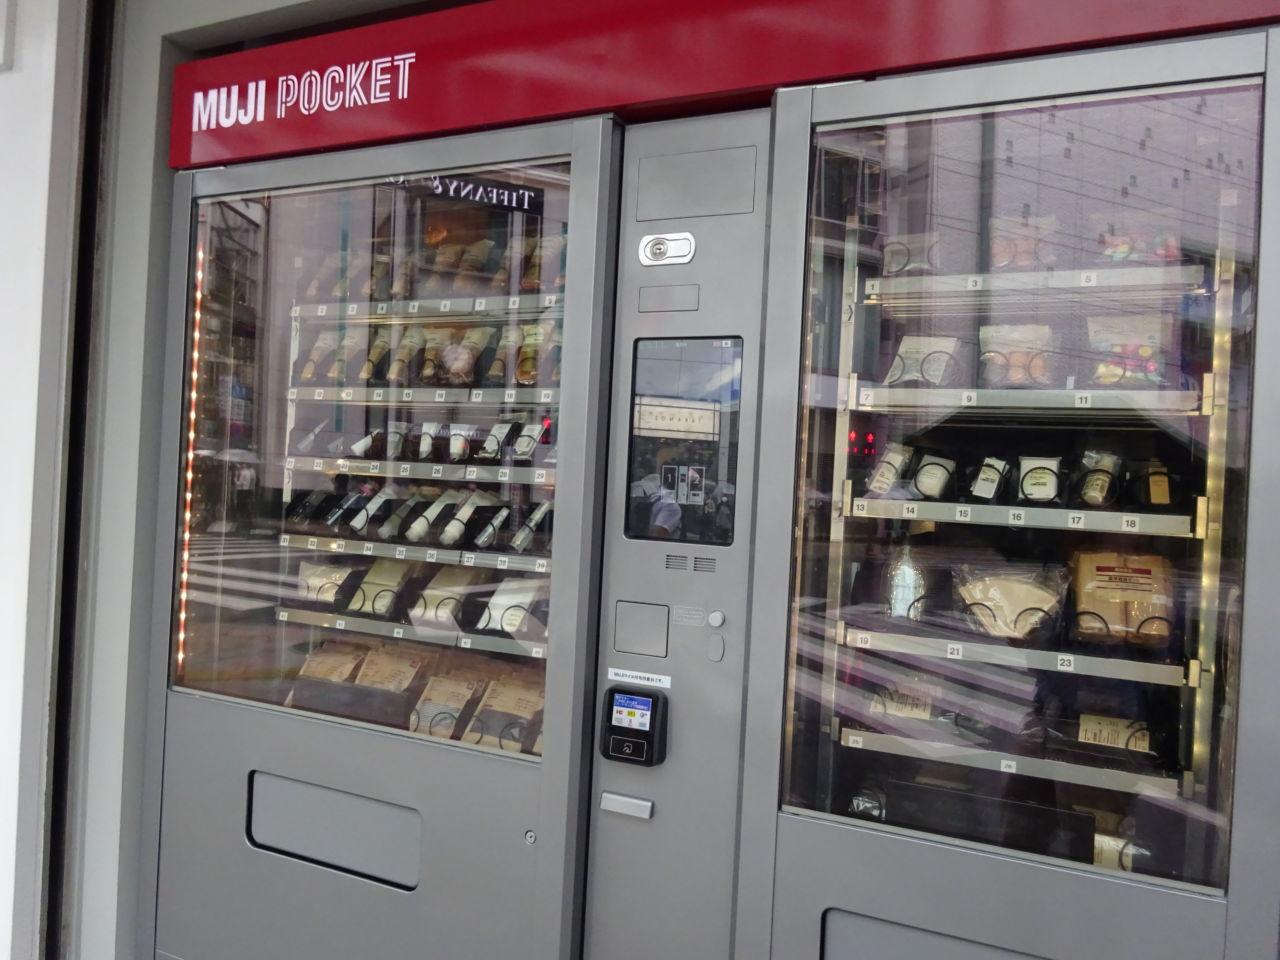 24時間利用可能な自動販売機「MUJI POCKET」